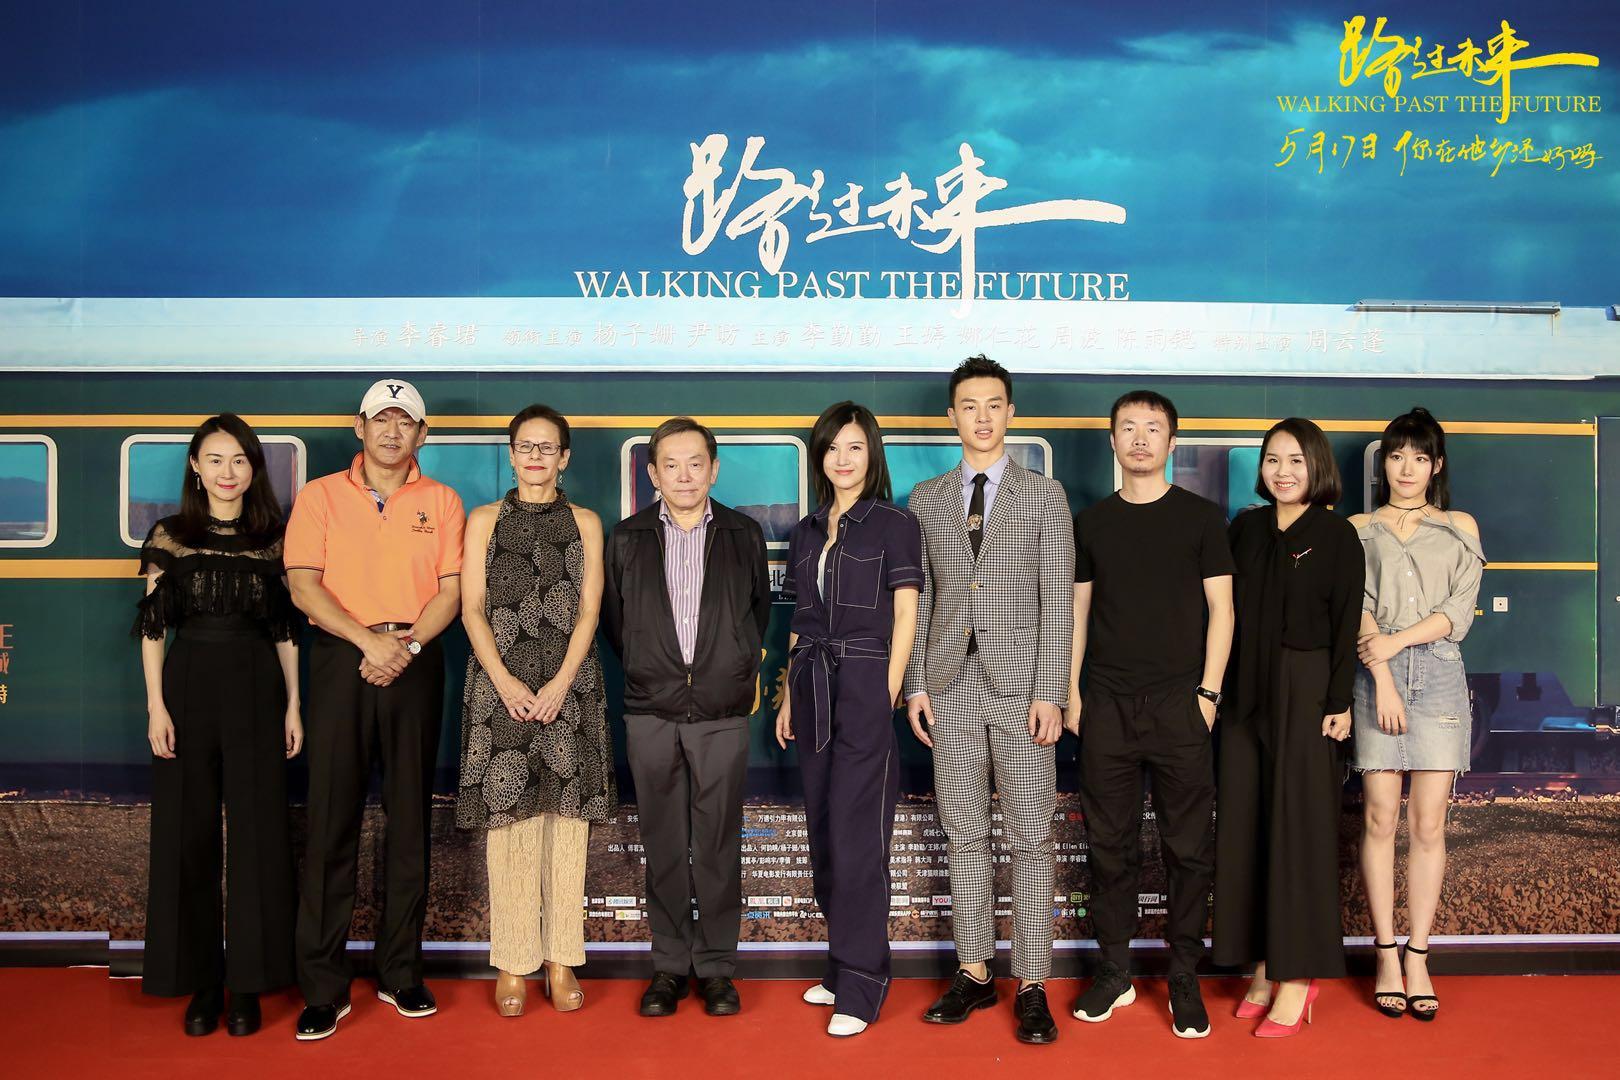 《路过未来》首映获田壮壮崔健等20位导演力推